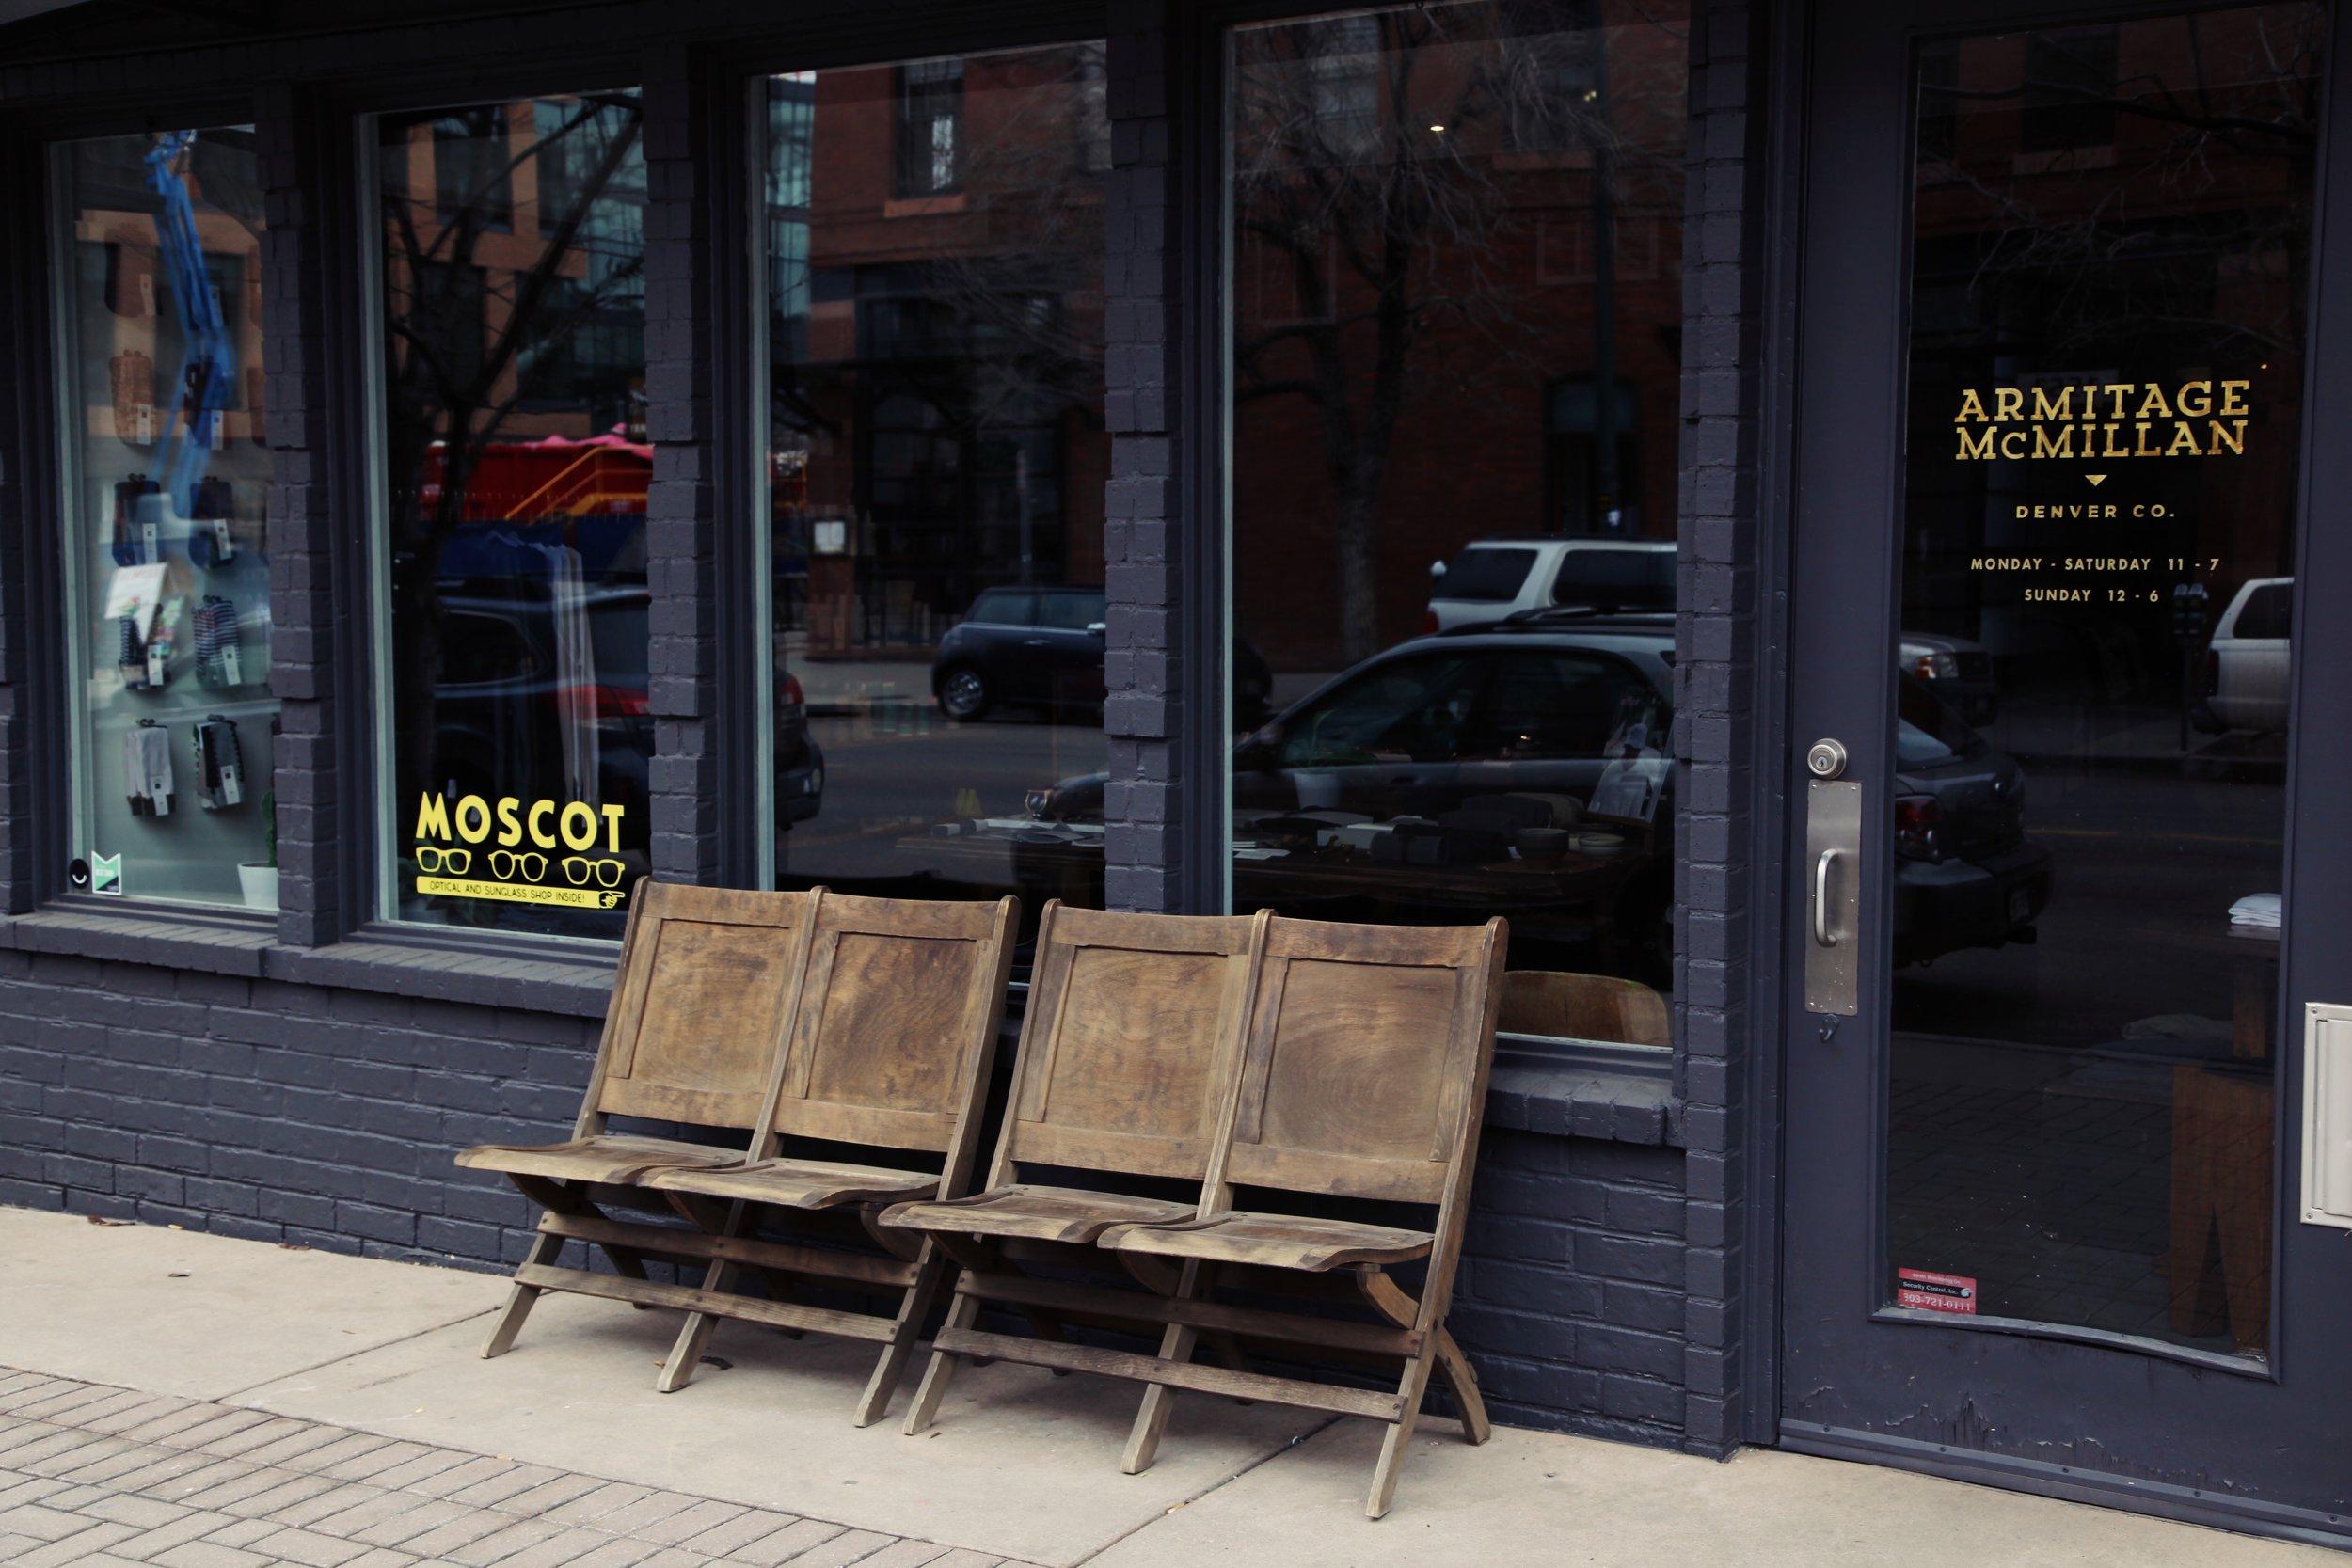 MOSCOT-AMC-outside_LARGE-02.JPG